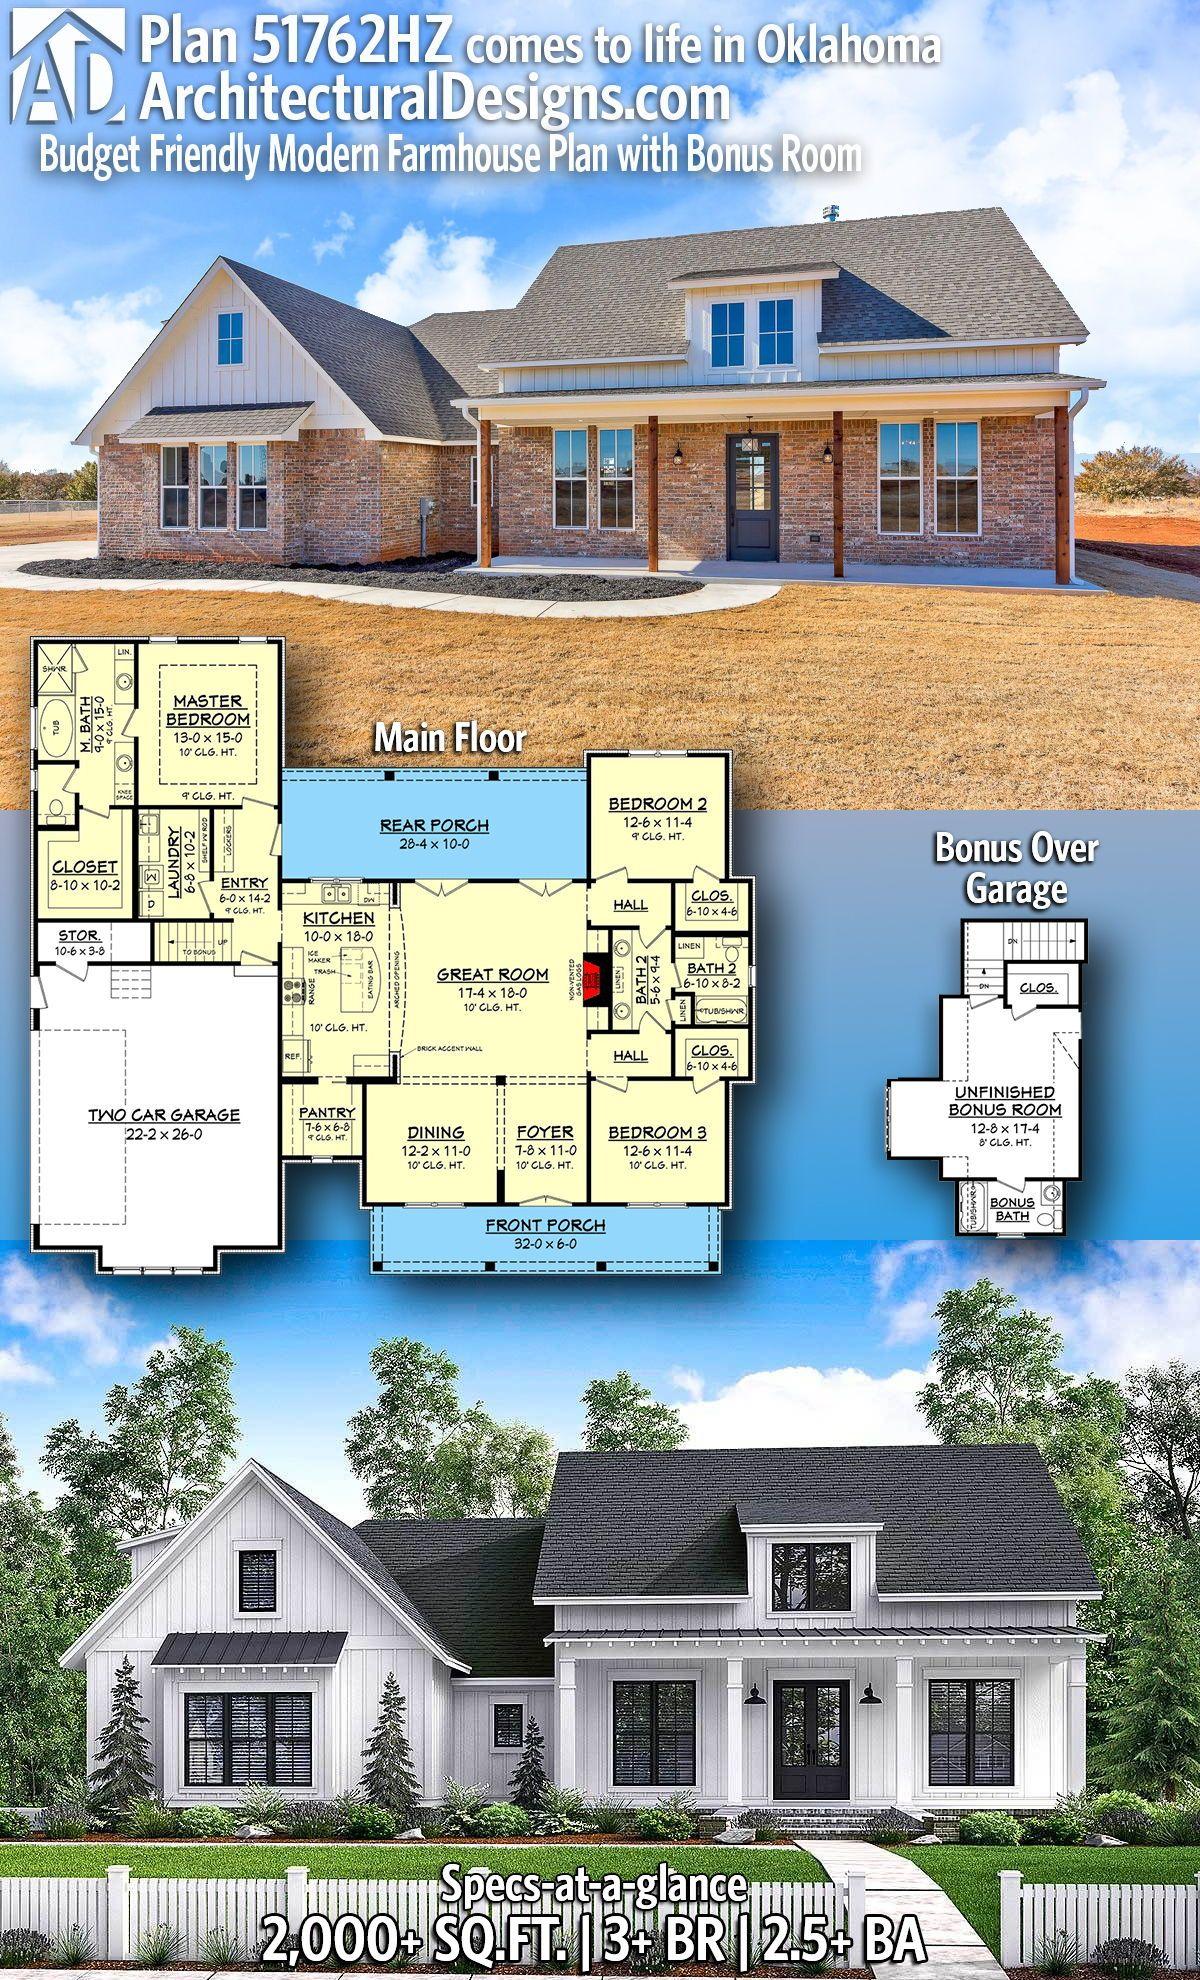 Plan 51762hz Budget Friendly Modern Farmhouse Plan With Bonus Room Farmhouse Plans Modern Farmhouse Plans House Plans